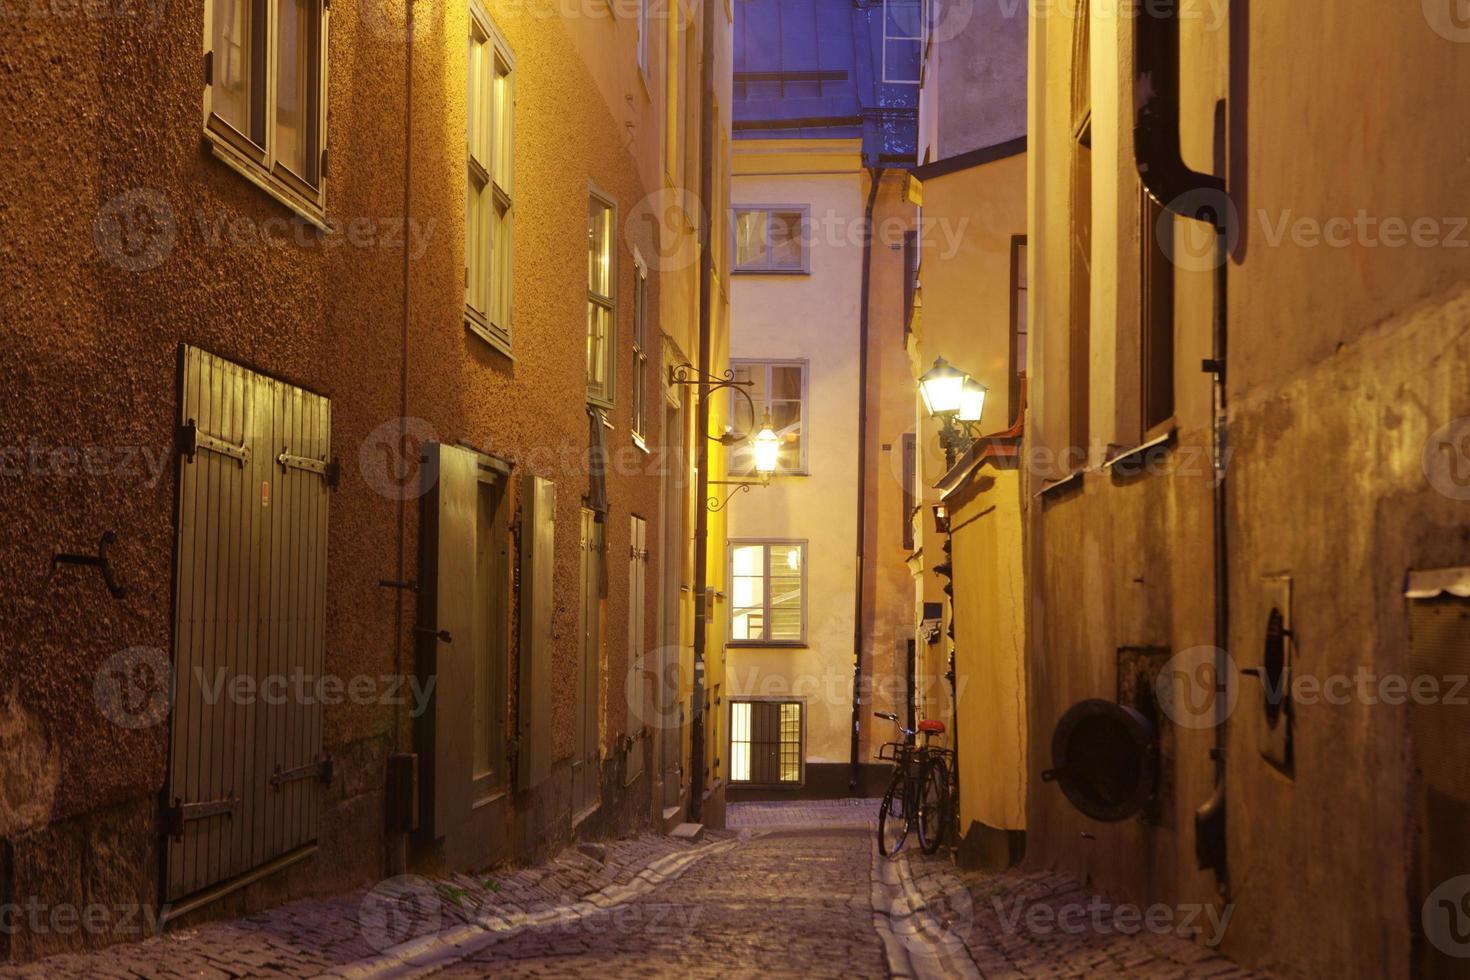 la stradina di gamla stan - storica città di stoccolma, foto